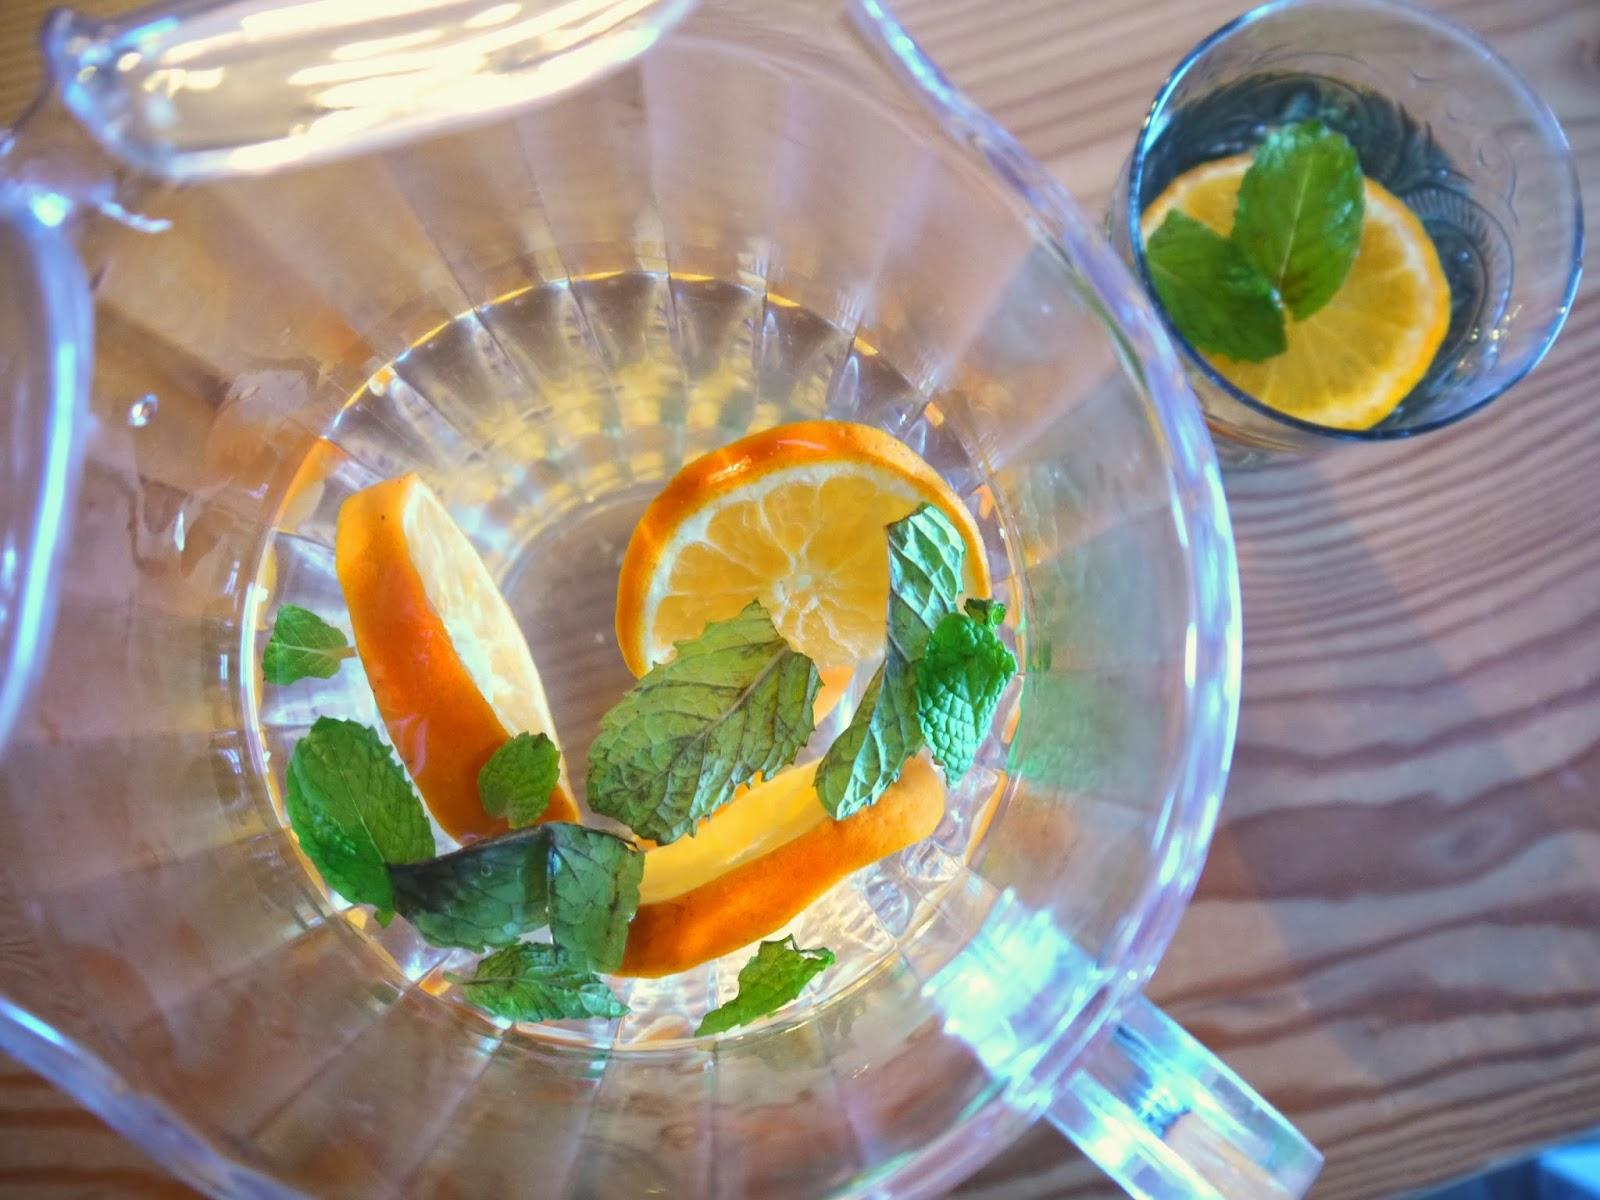 http://www.eat8020.com/2014/01/80-tangerine-mint-water.html